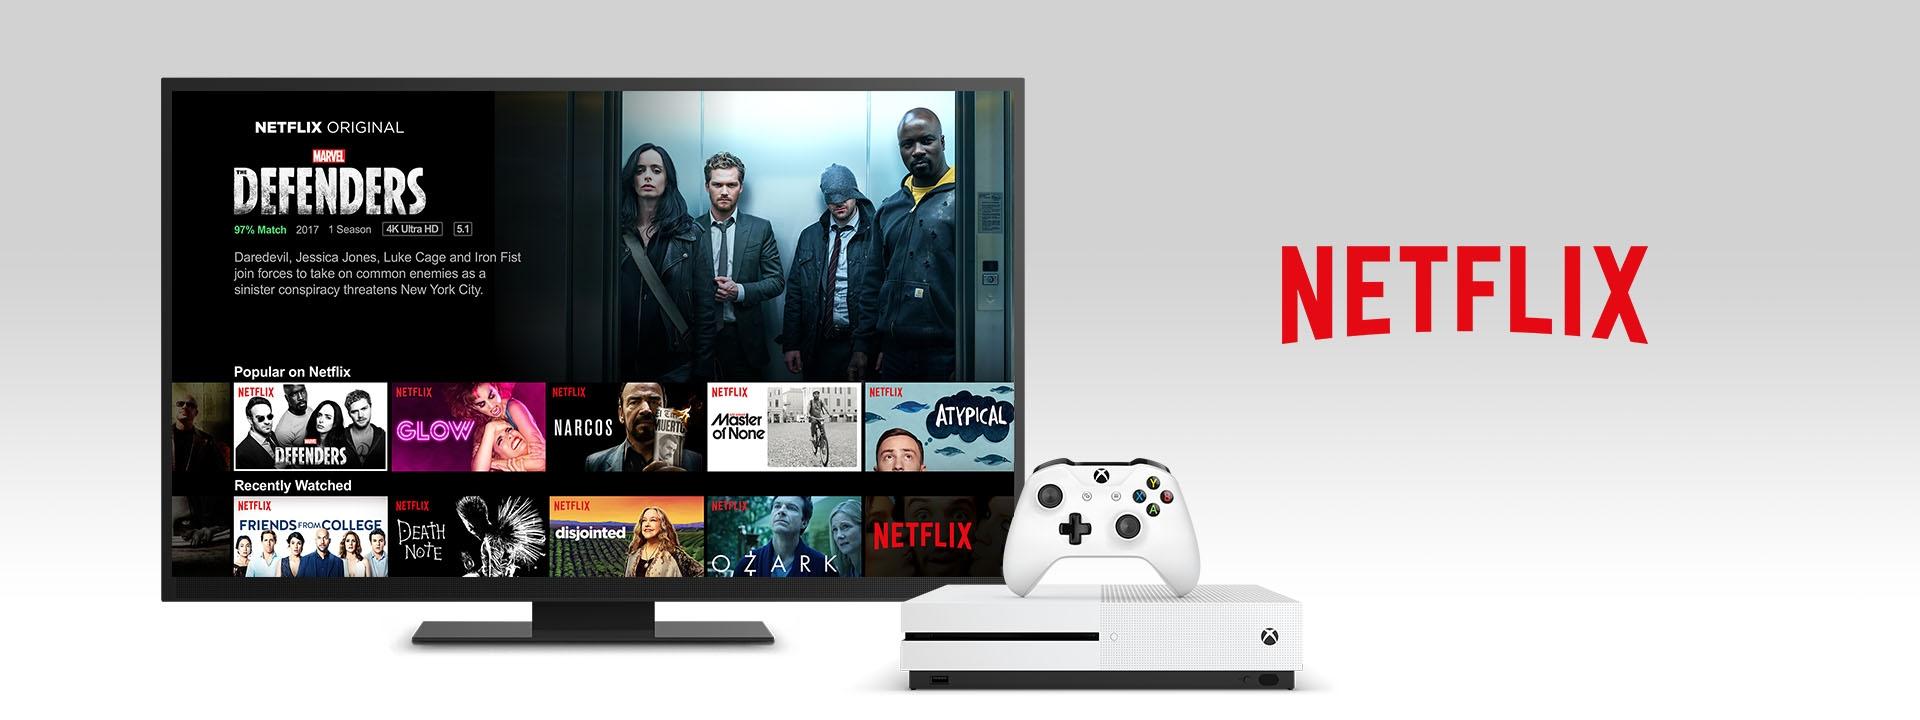 Netflix på Xbox One